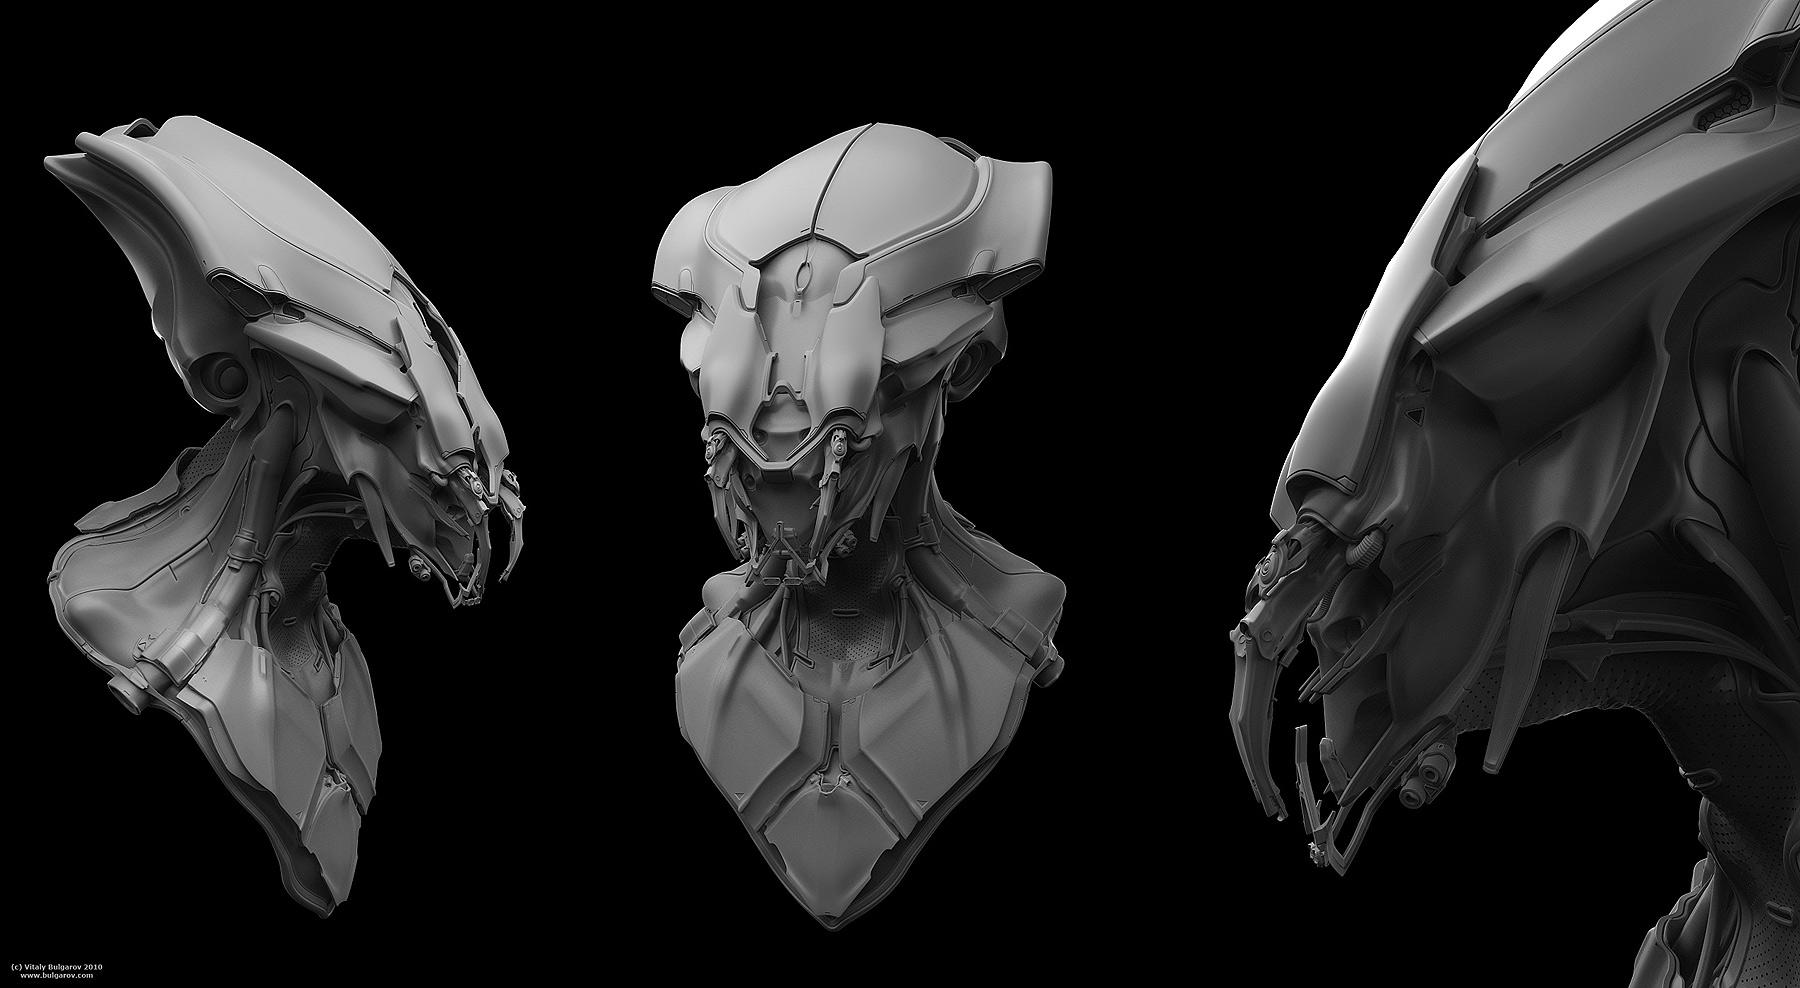 alien_05small2.jpg